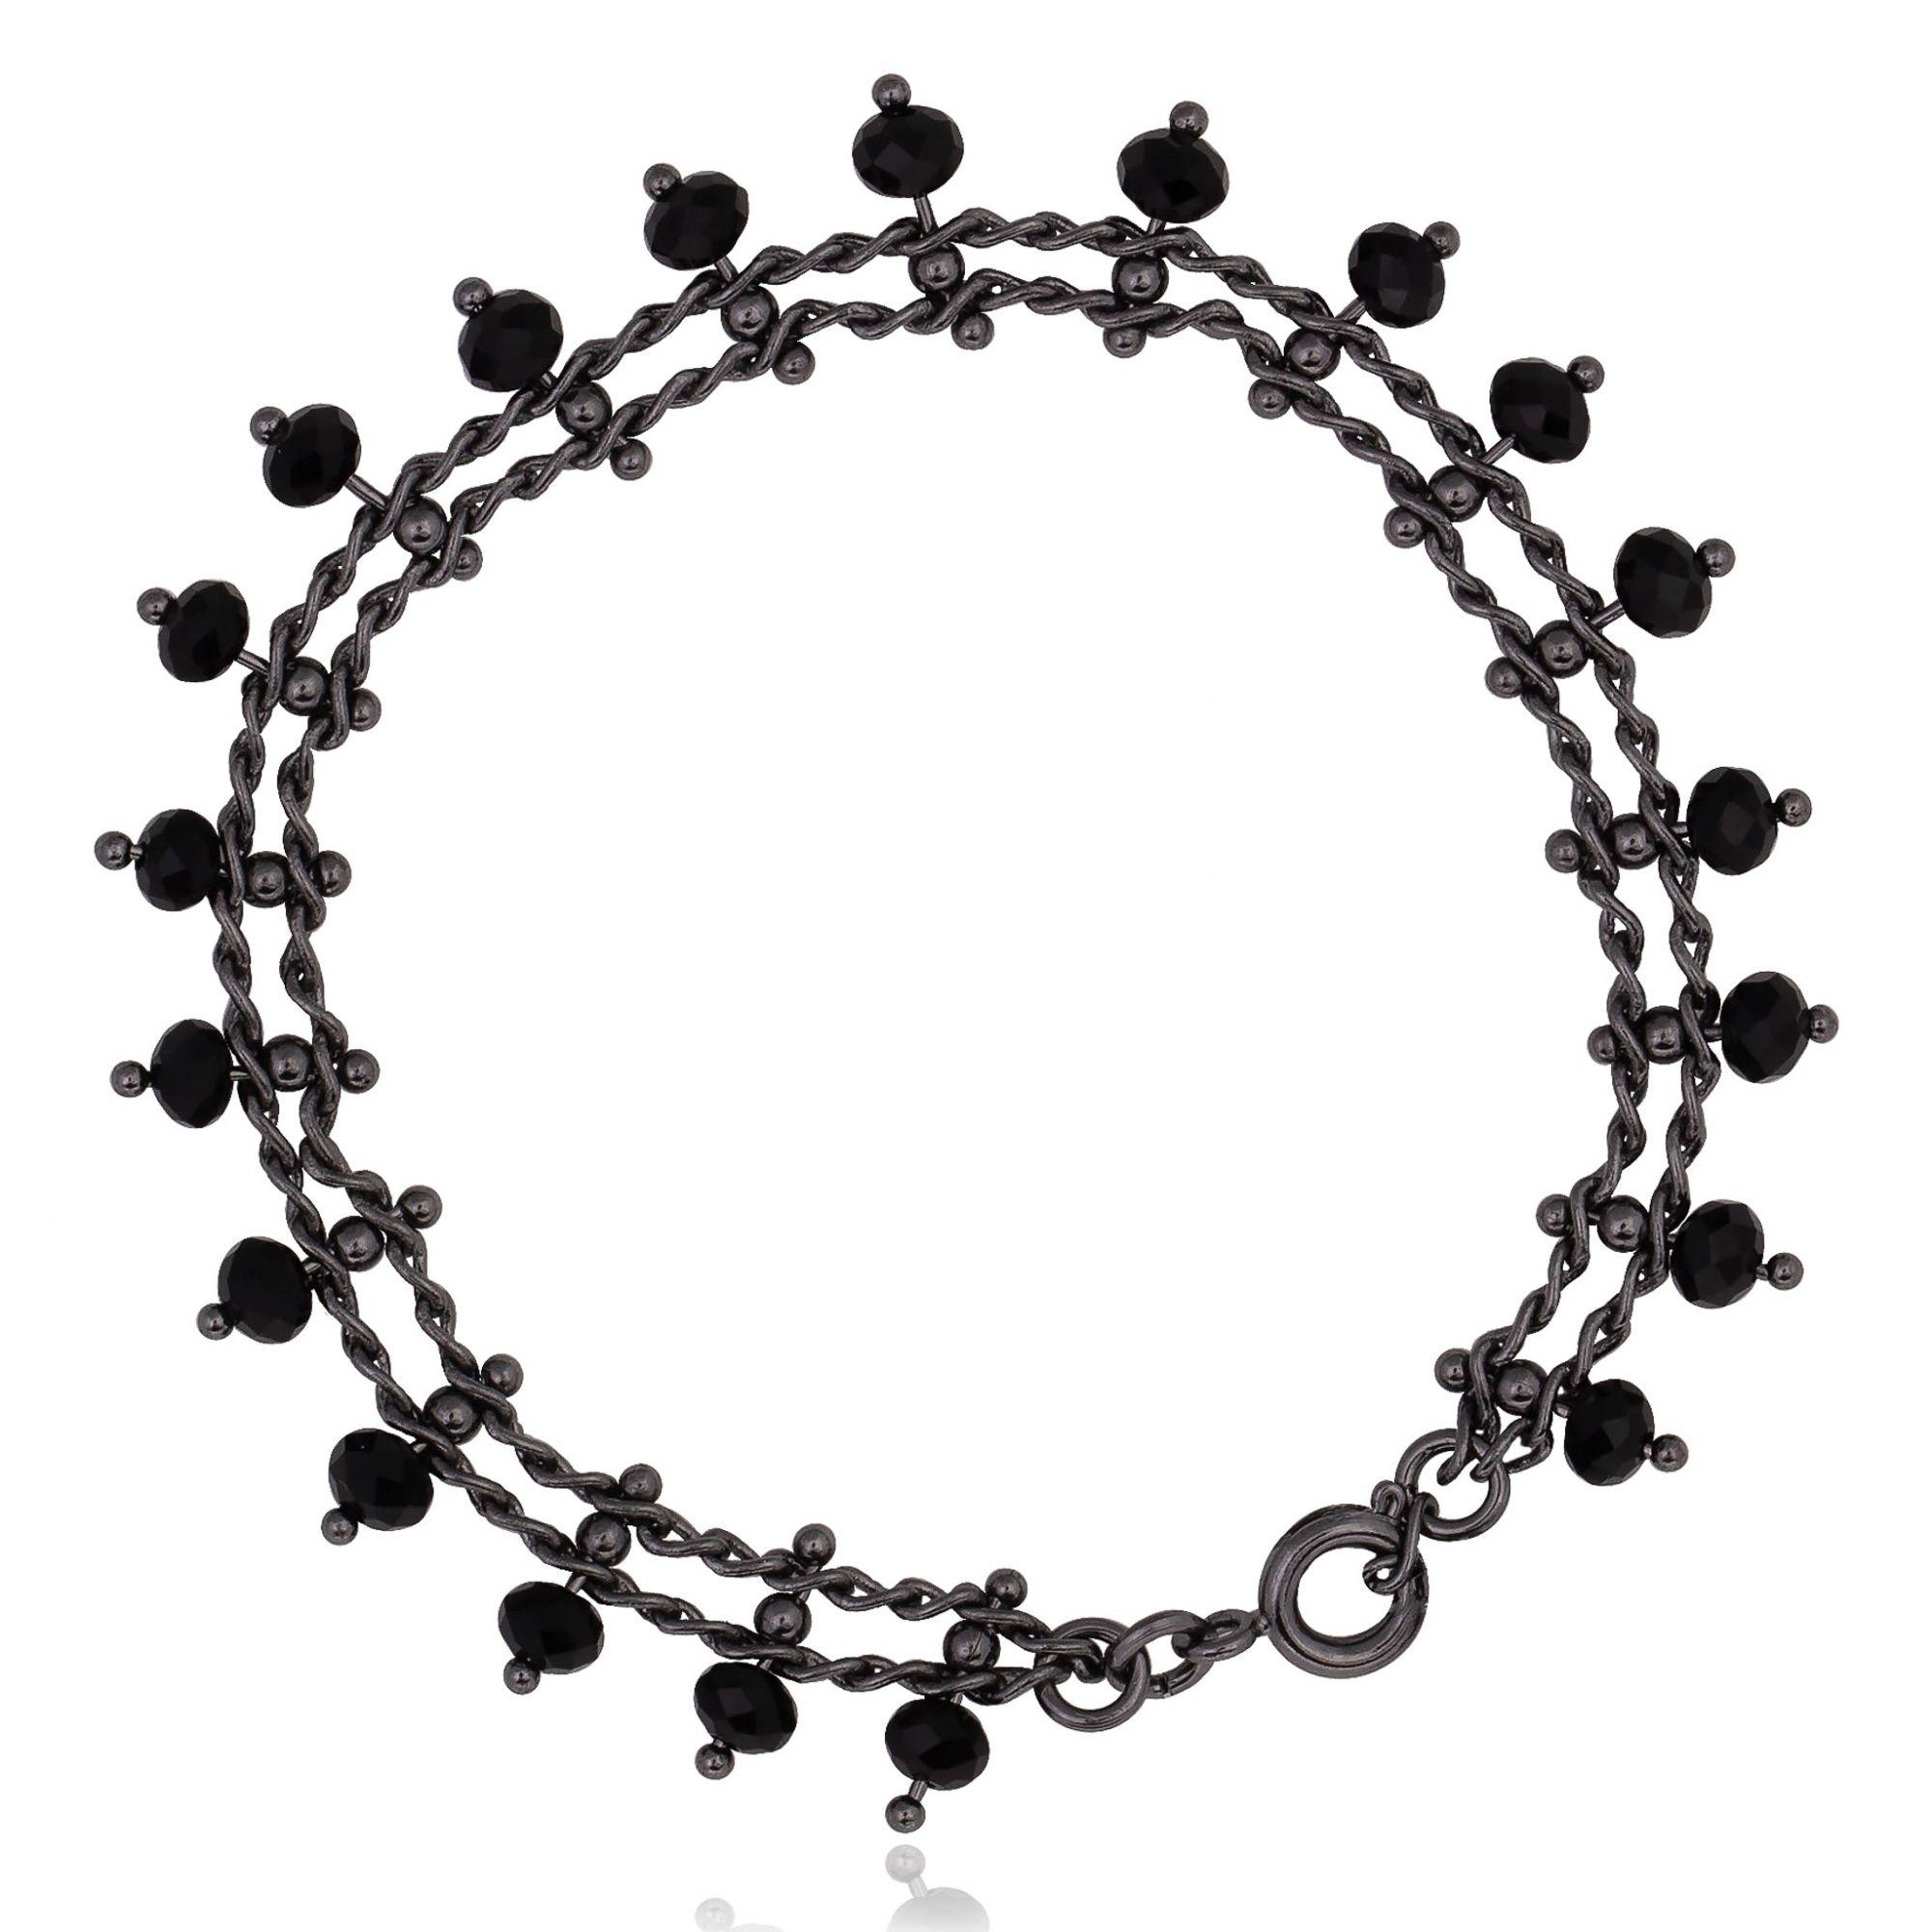 Pulseira com cristais negros banho de grafite.  - romabrazil.com.br